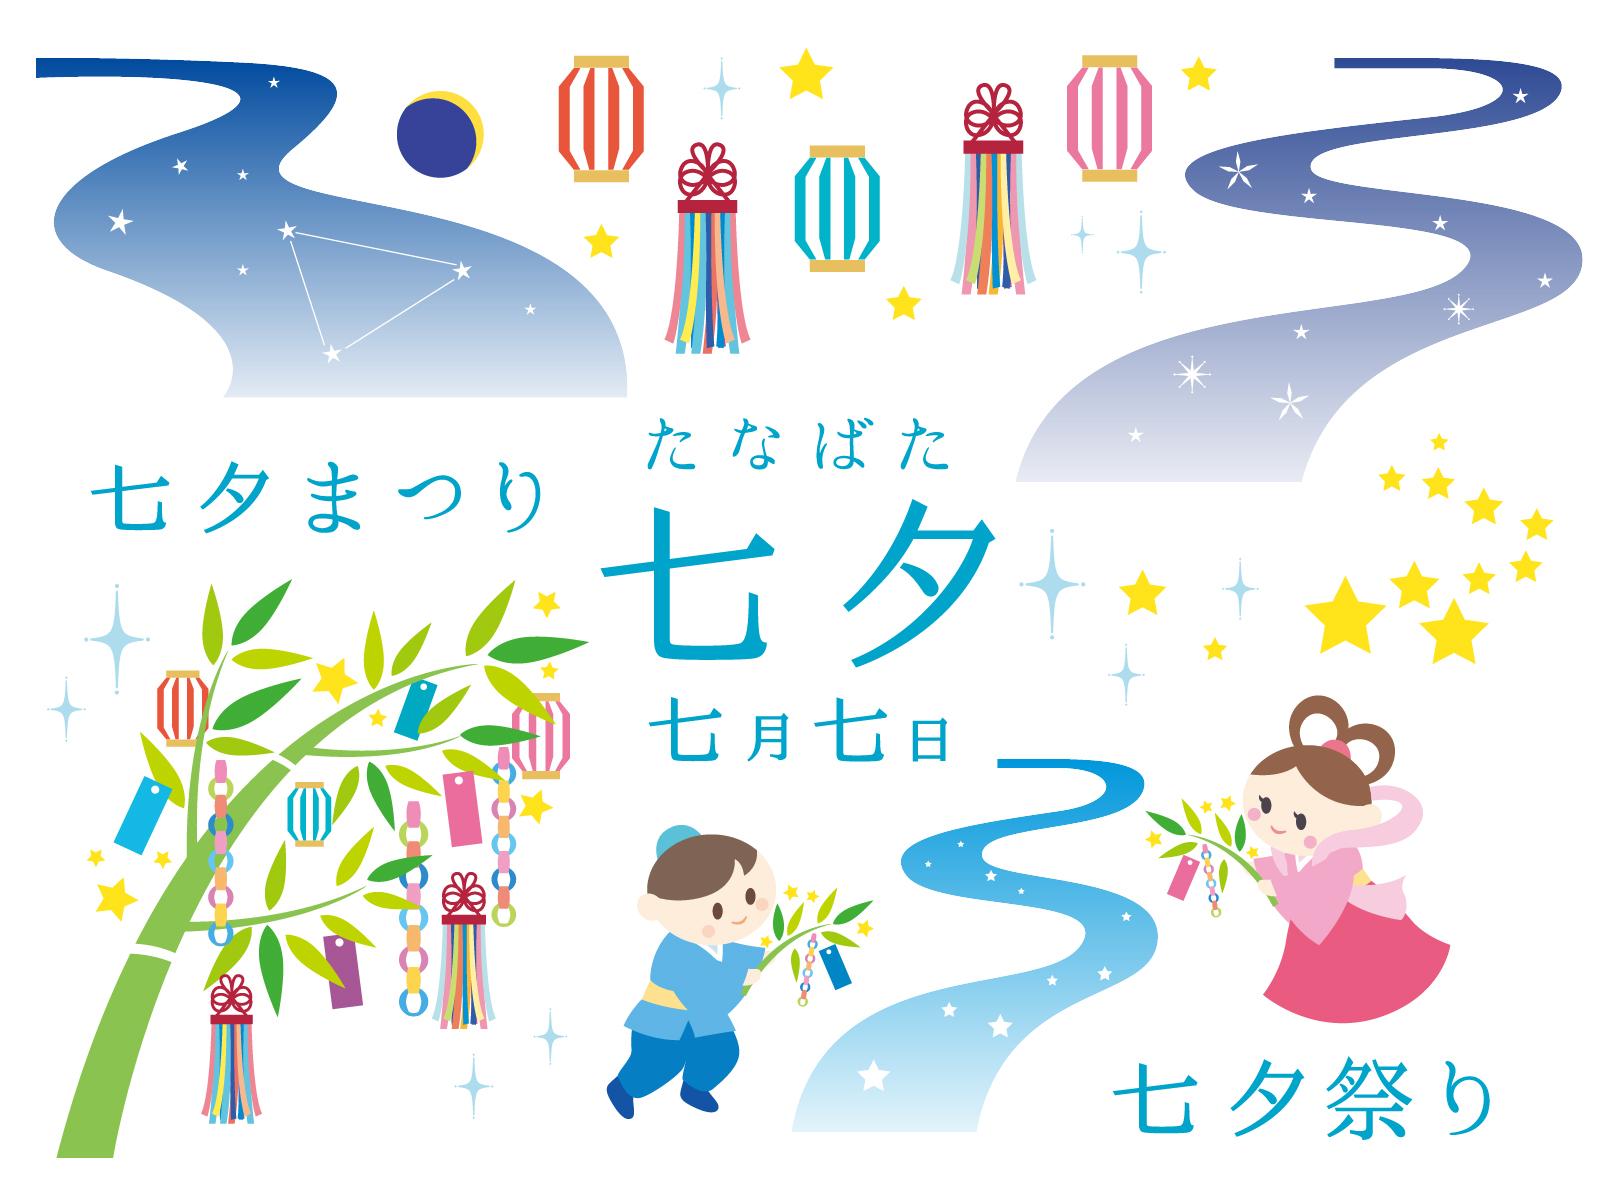 【七夕レク】高齢者向け!!デイサービスでおすすめの工作・クイズ・ゲーム集30選